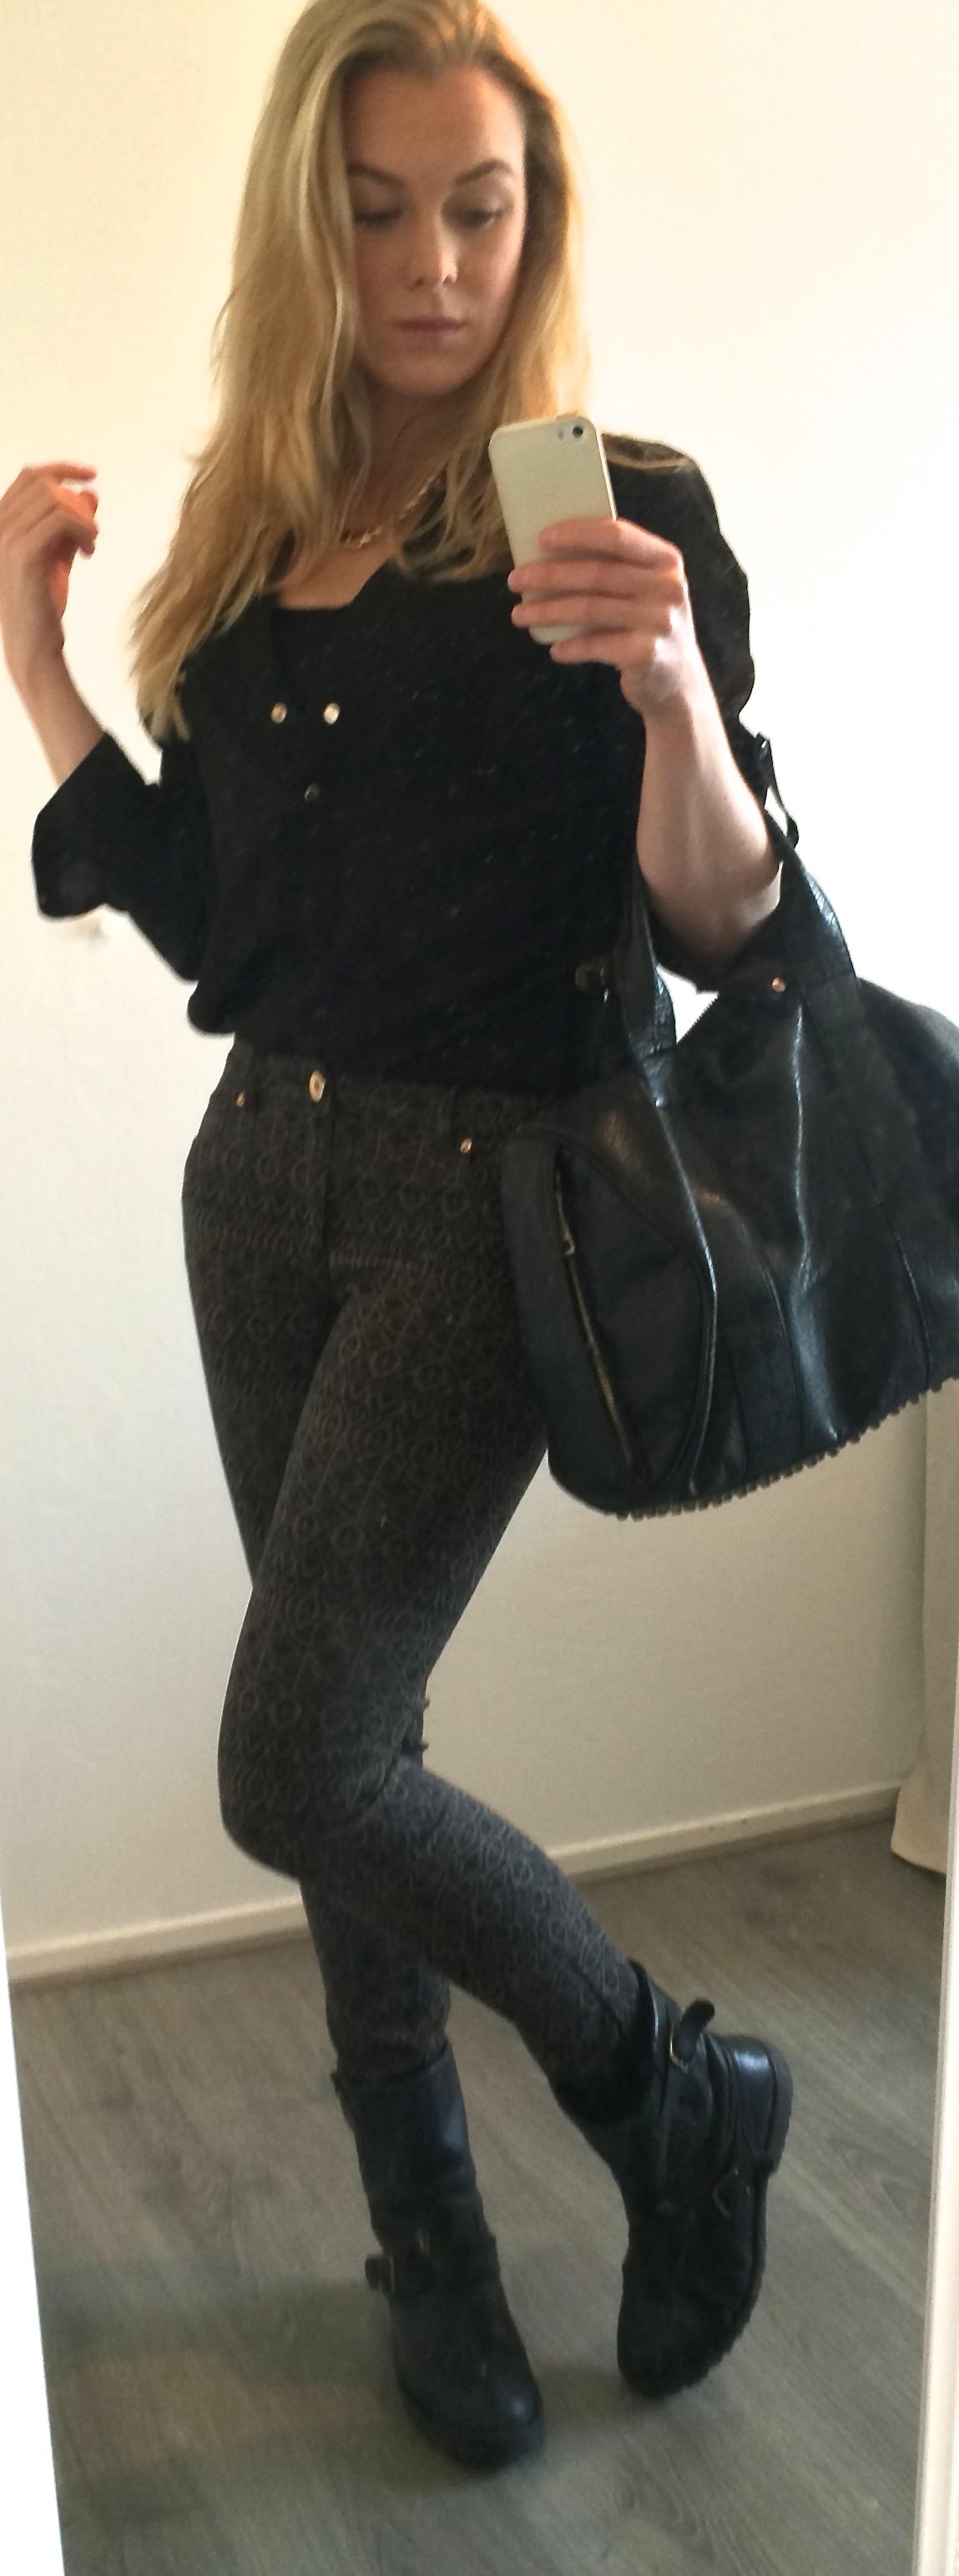 best verkocht verkoopprijzen meest populair Outfit van de dag!! Zwarte broek met print!   Estbella